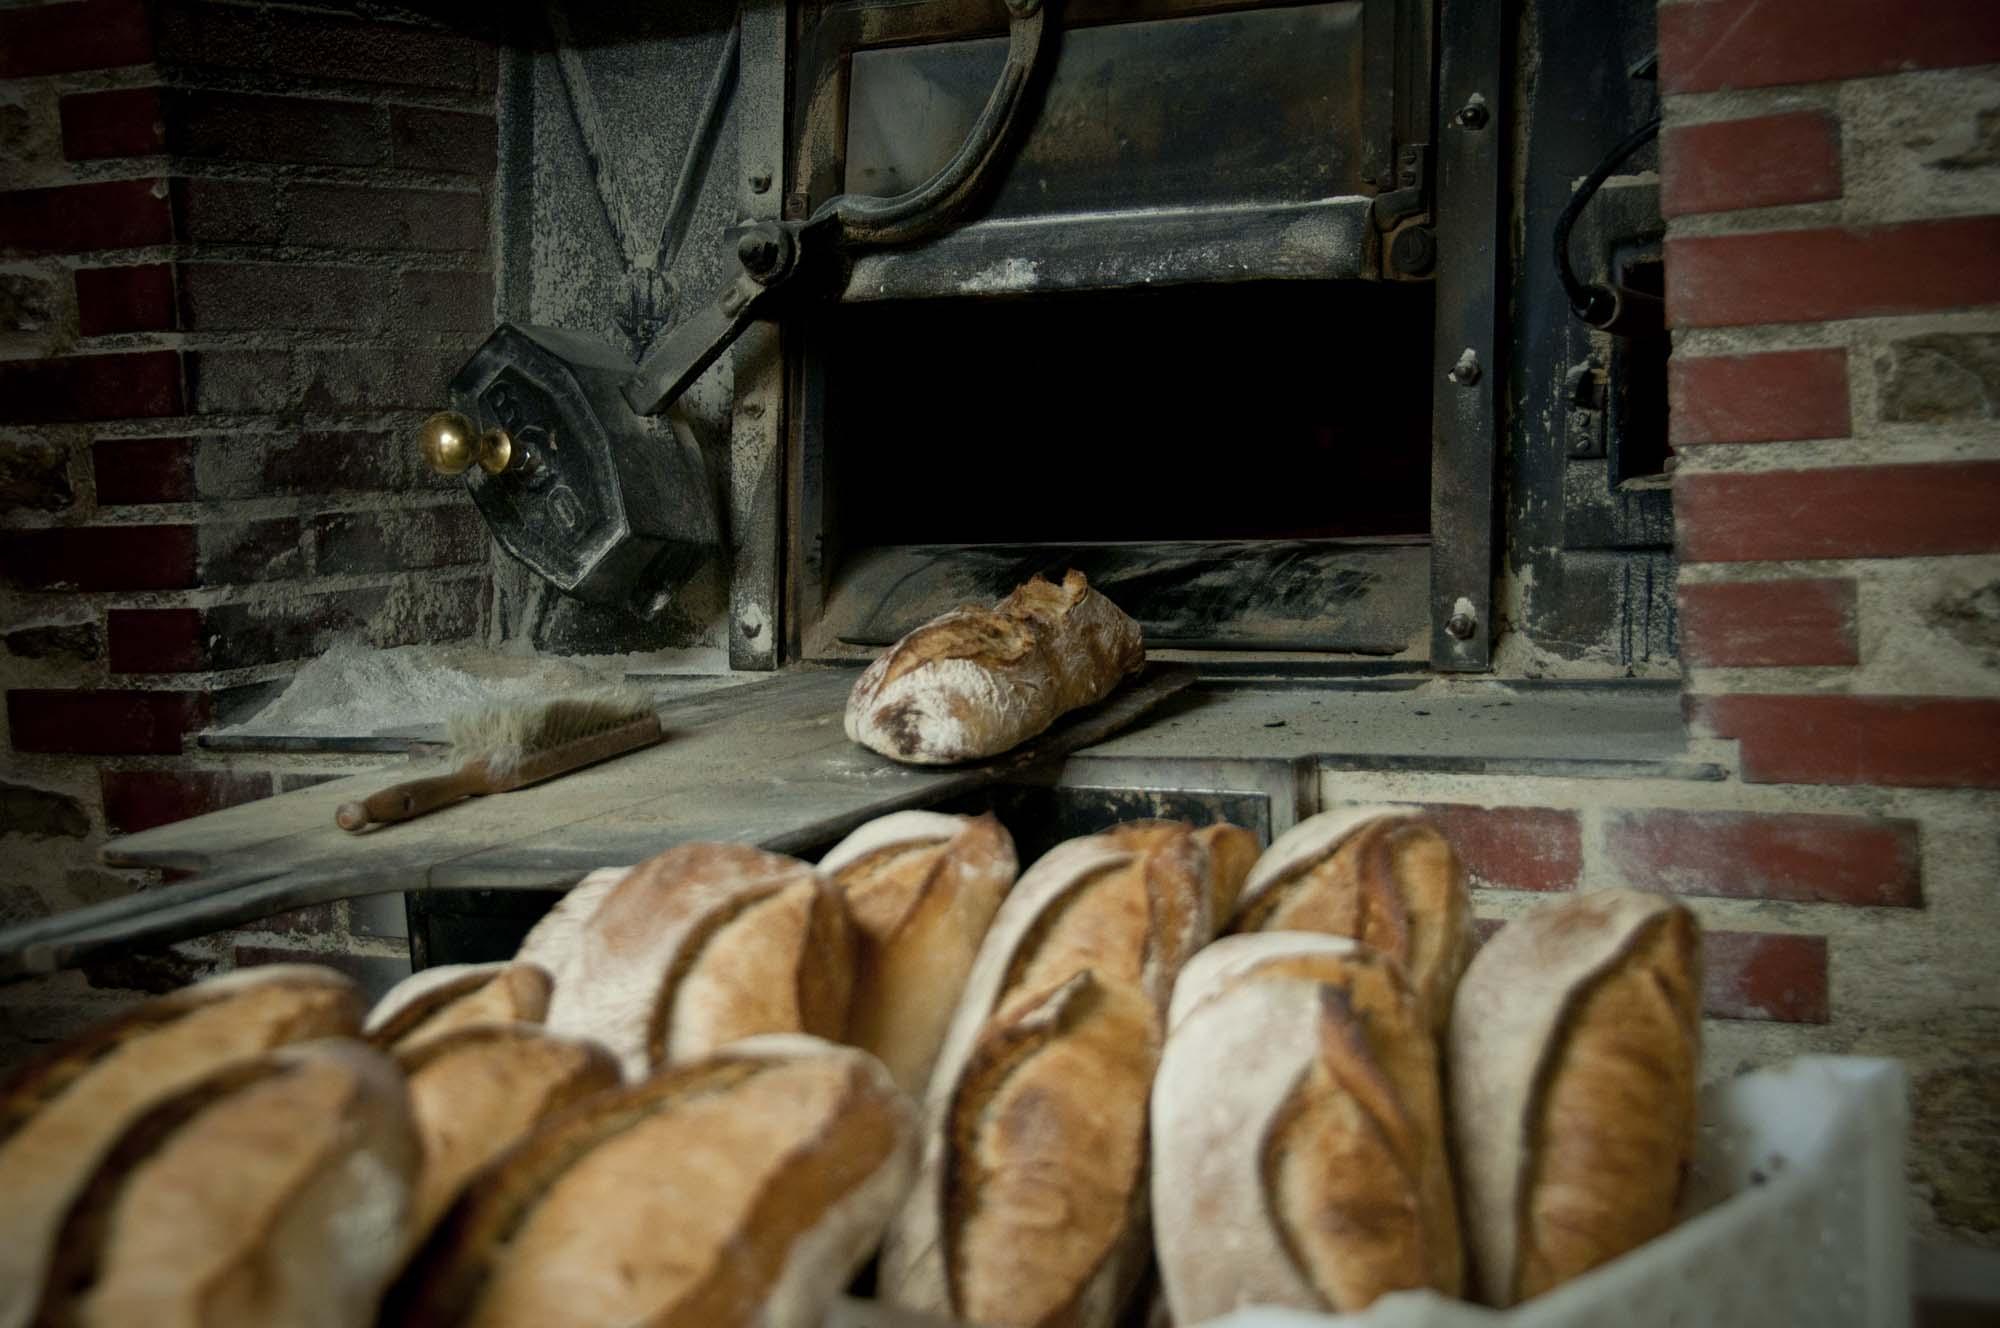 baguettes de pain enfournées dans lefour au feu de bois, boulangerie Ste Fauste, bozouls, aveyron, 3clt